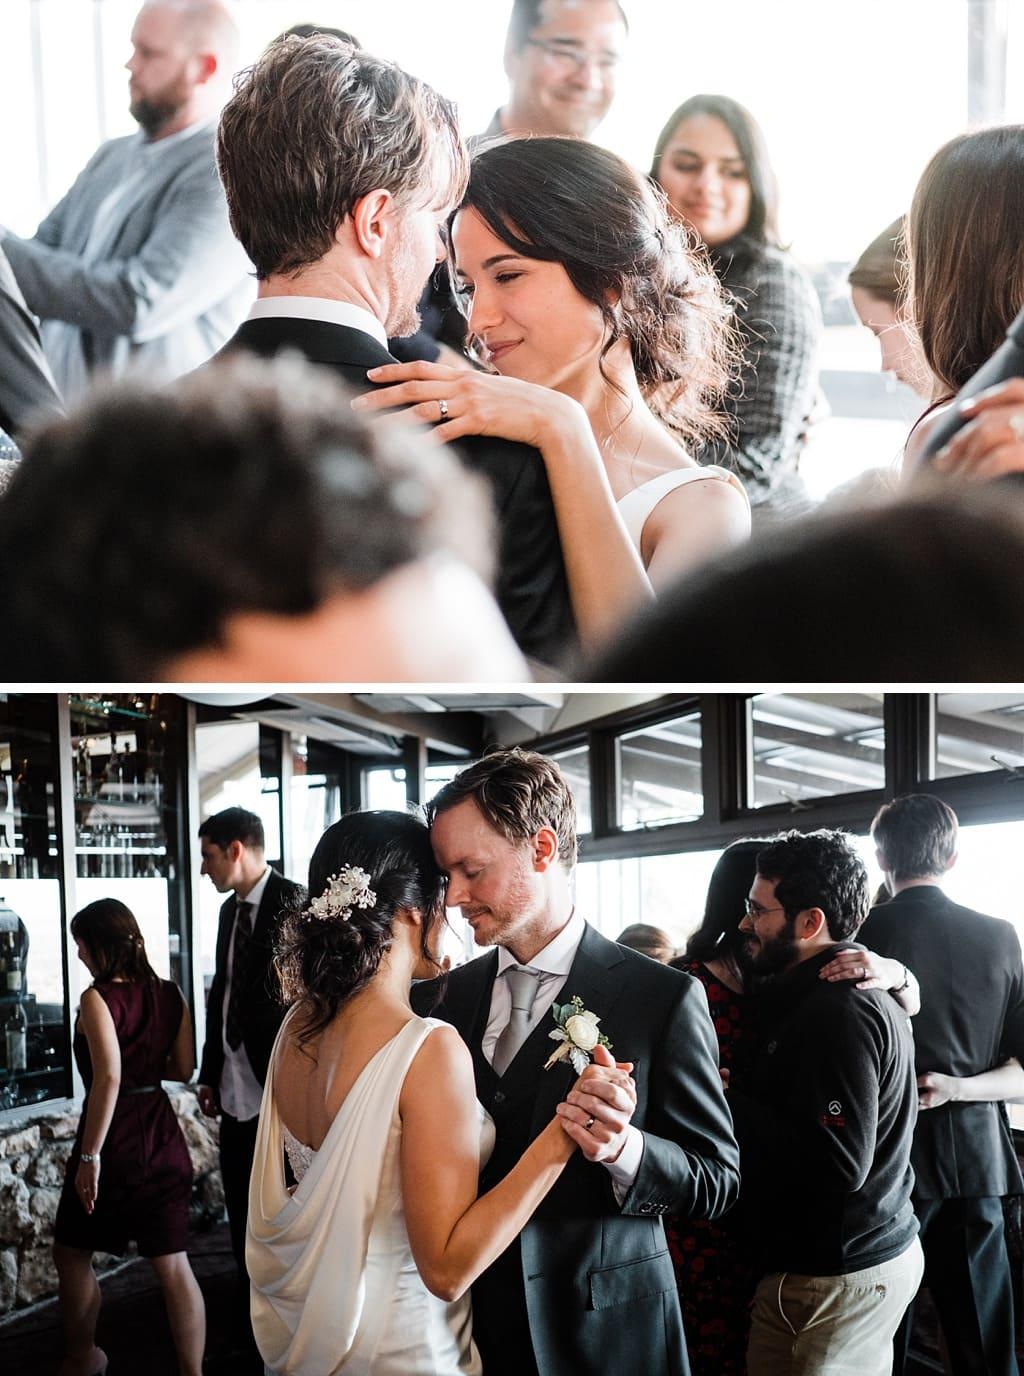 Bride and groom dancing at Flagstaff House wedding in Boulder, Colorado